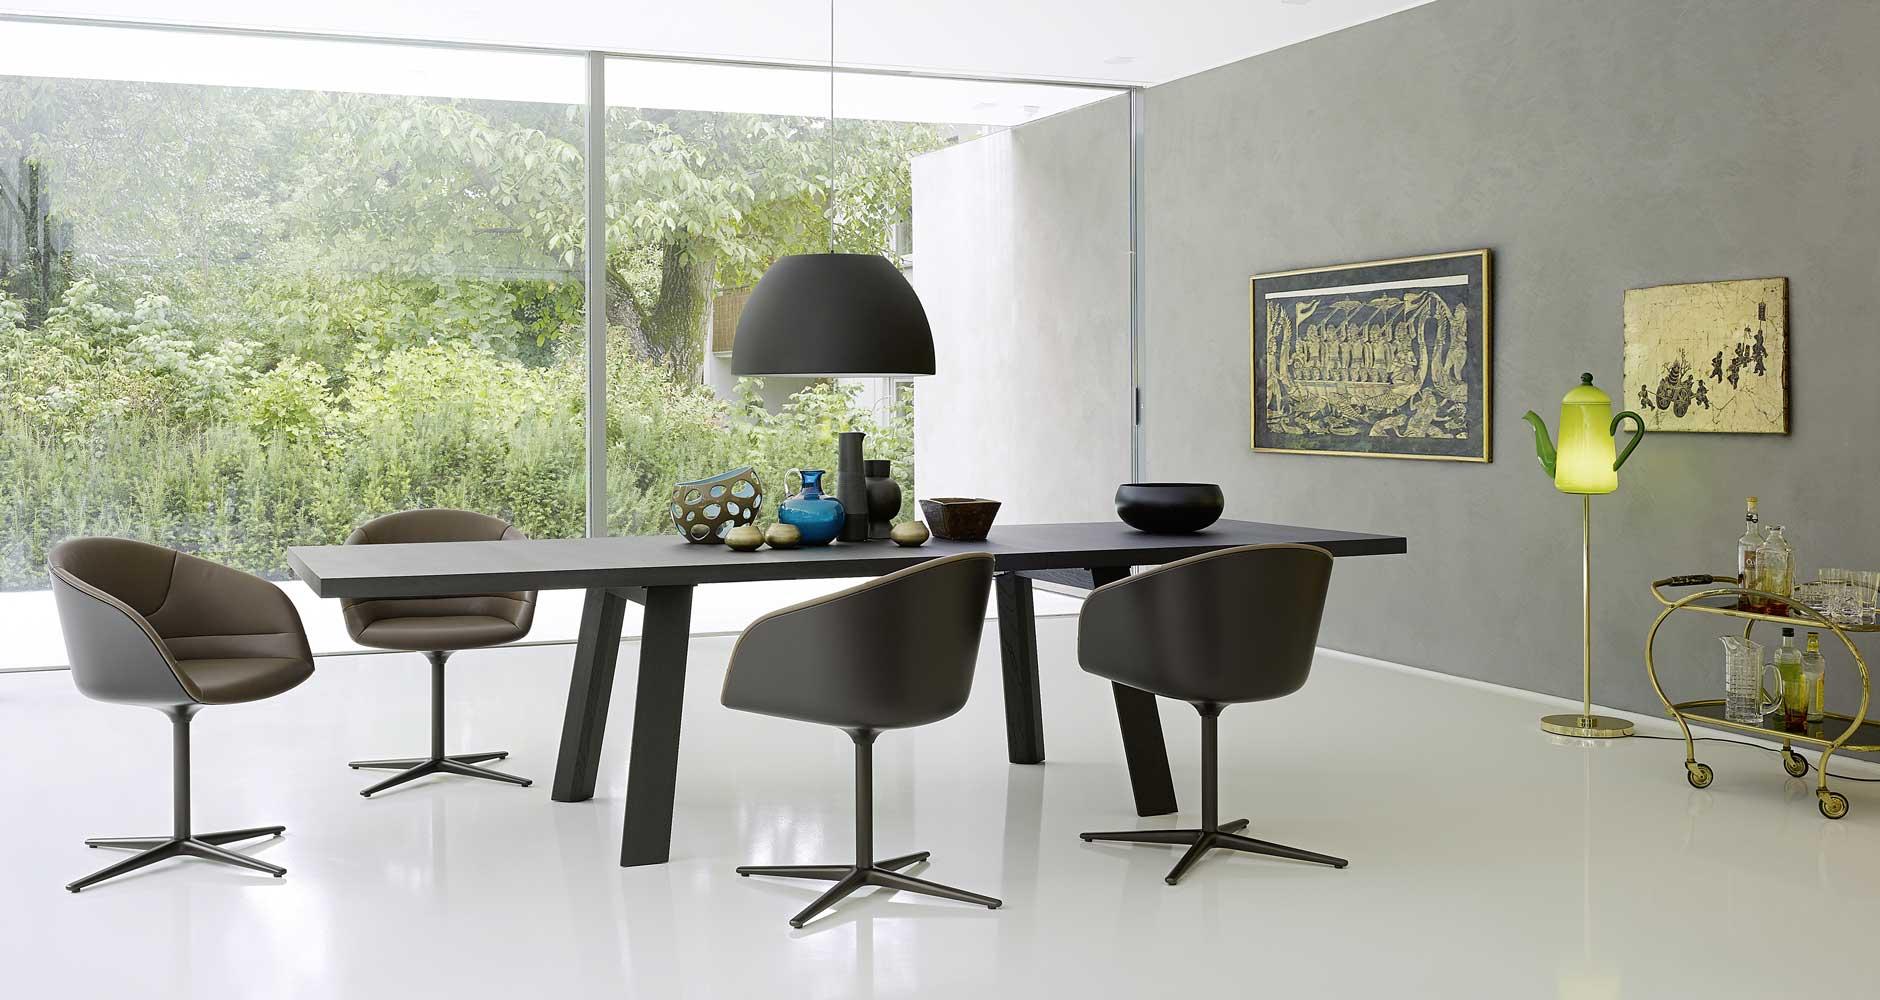 Tischkultur von Walter Knoll